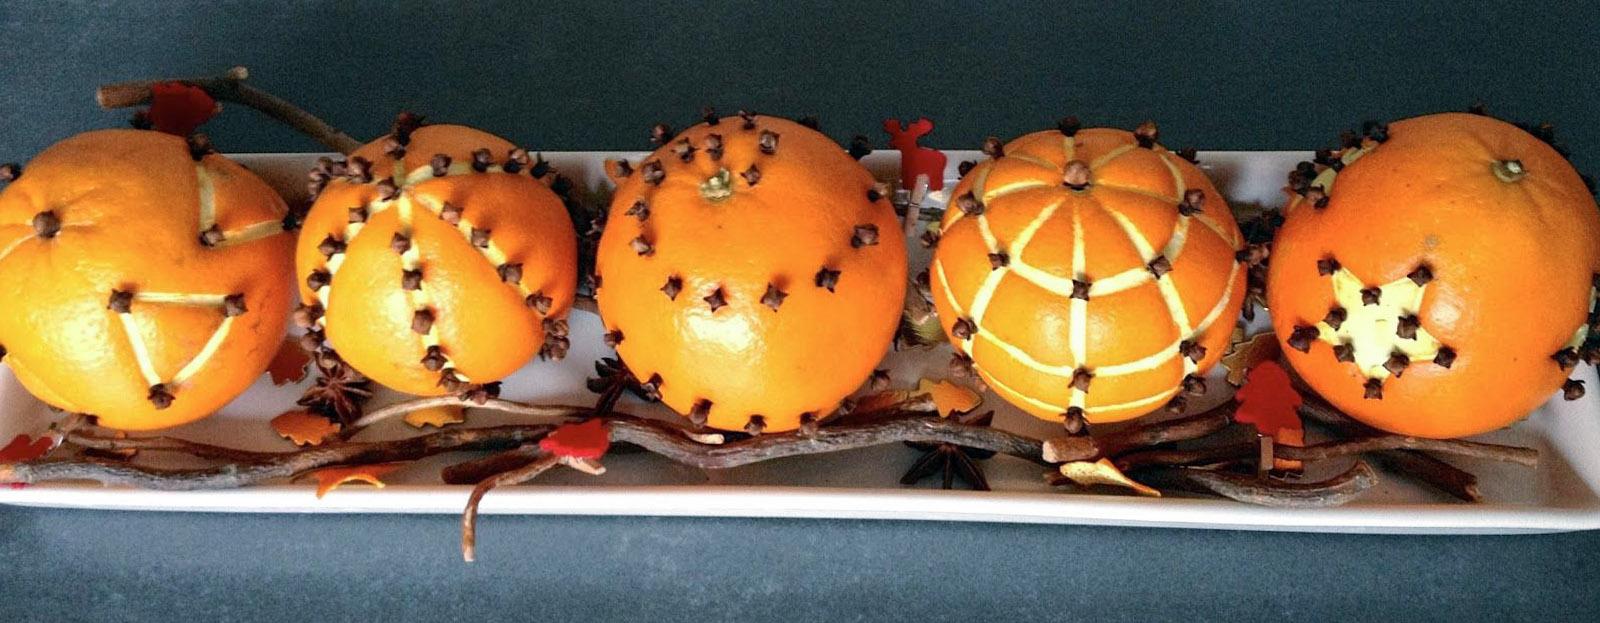 Apelsinų gvazdikėlių dekoracijos